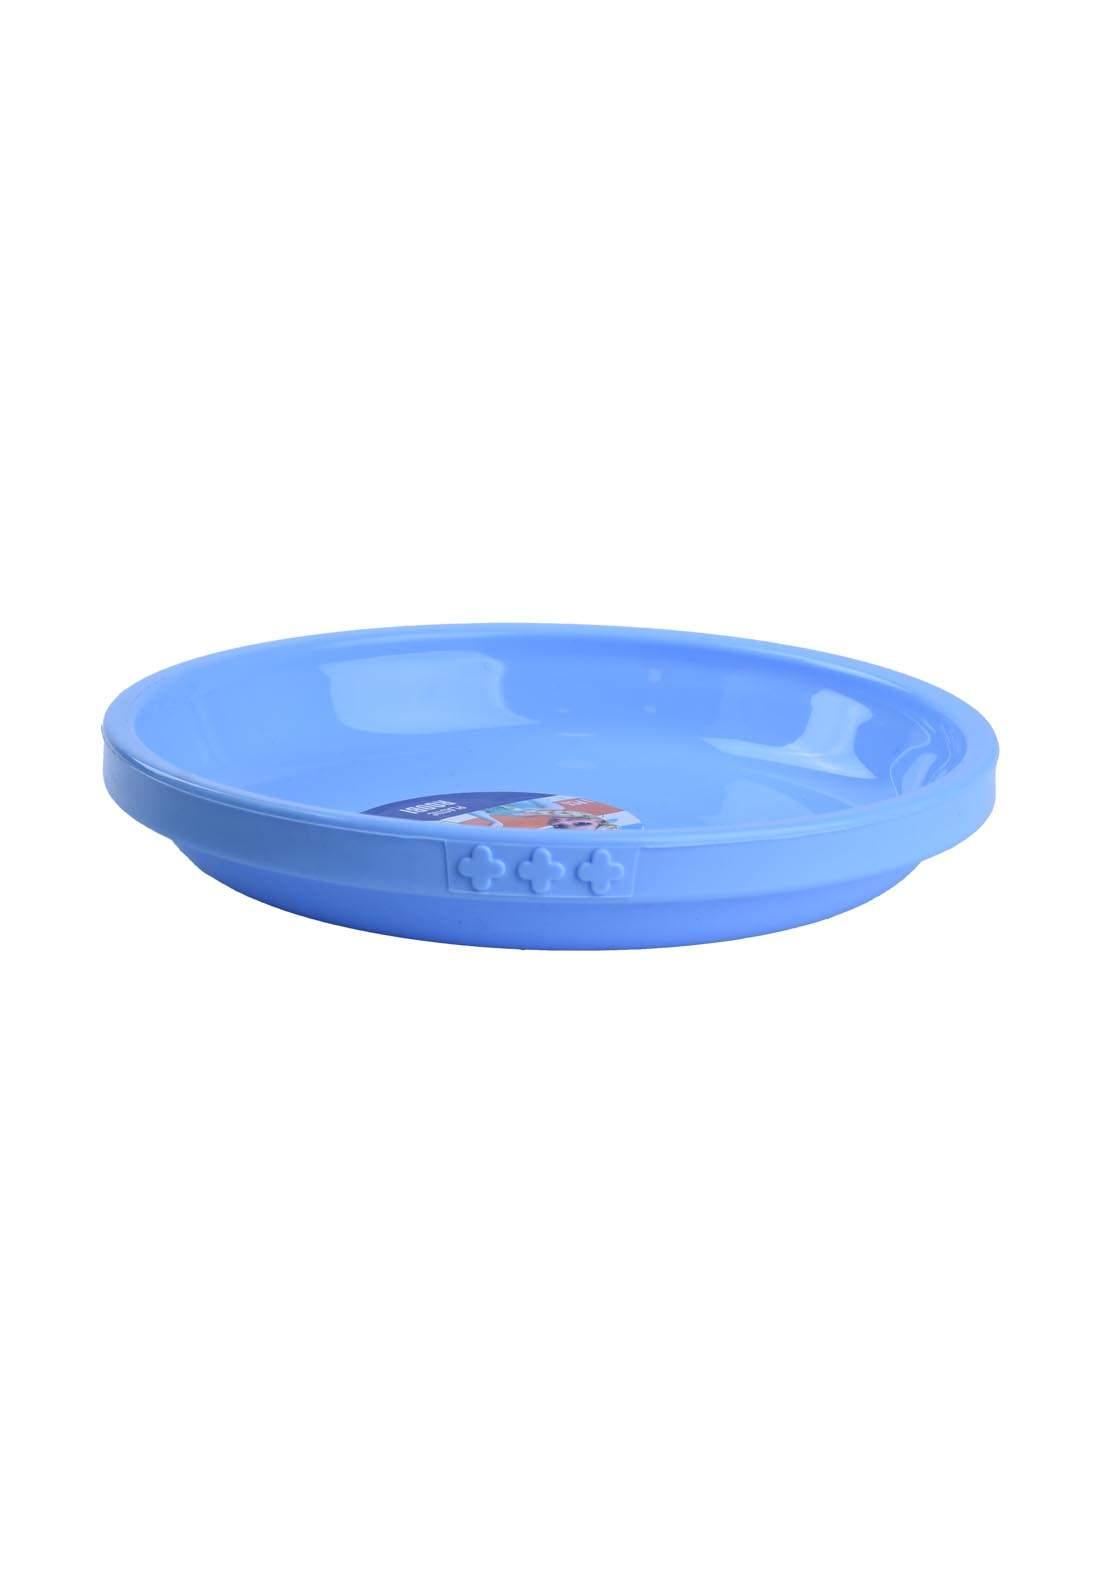 طبق طعام  للاطفال ازرق اللون